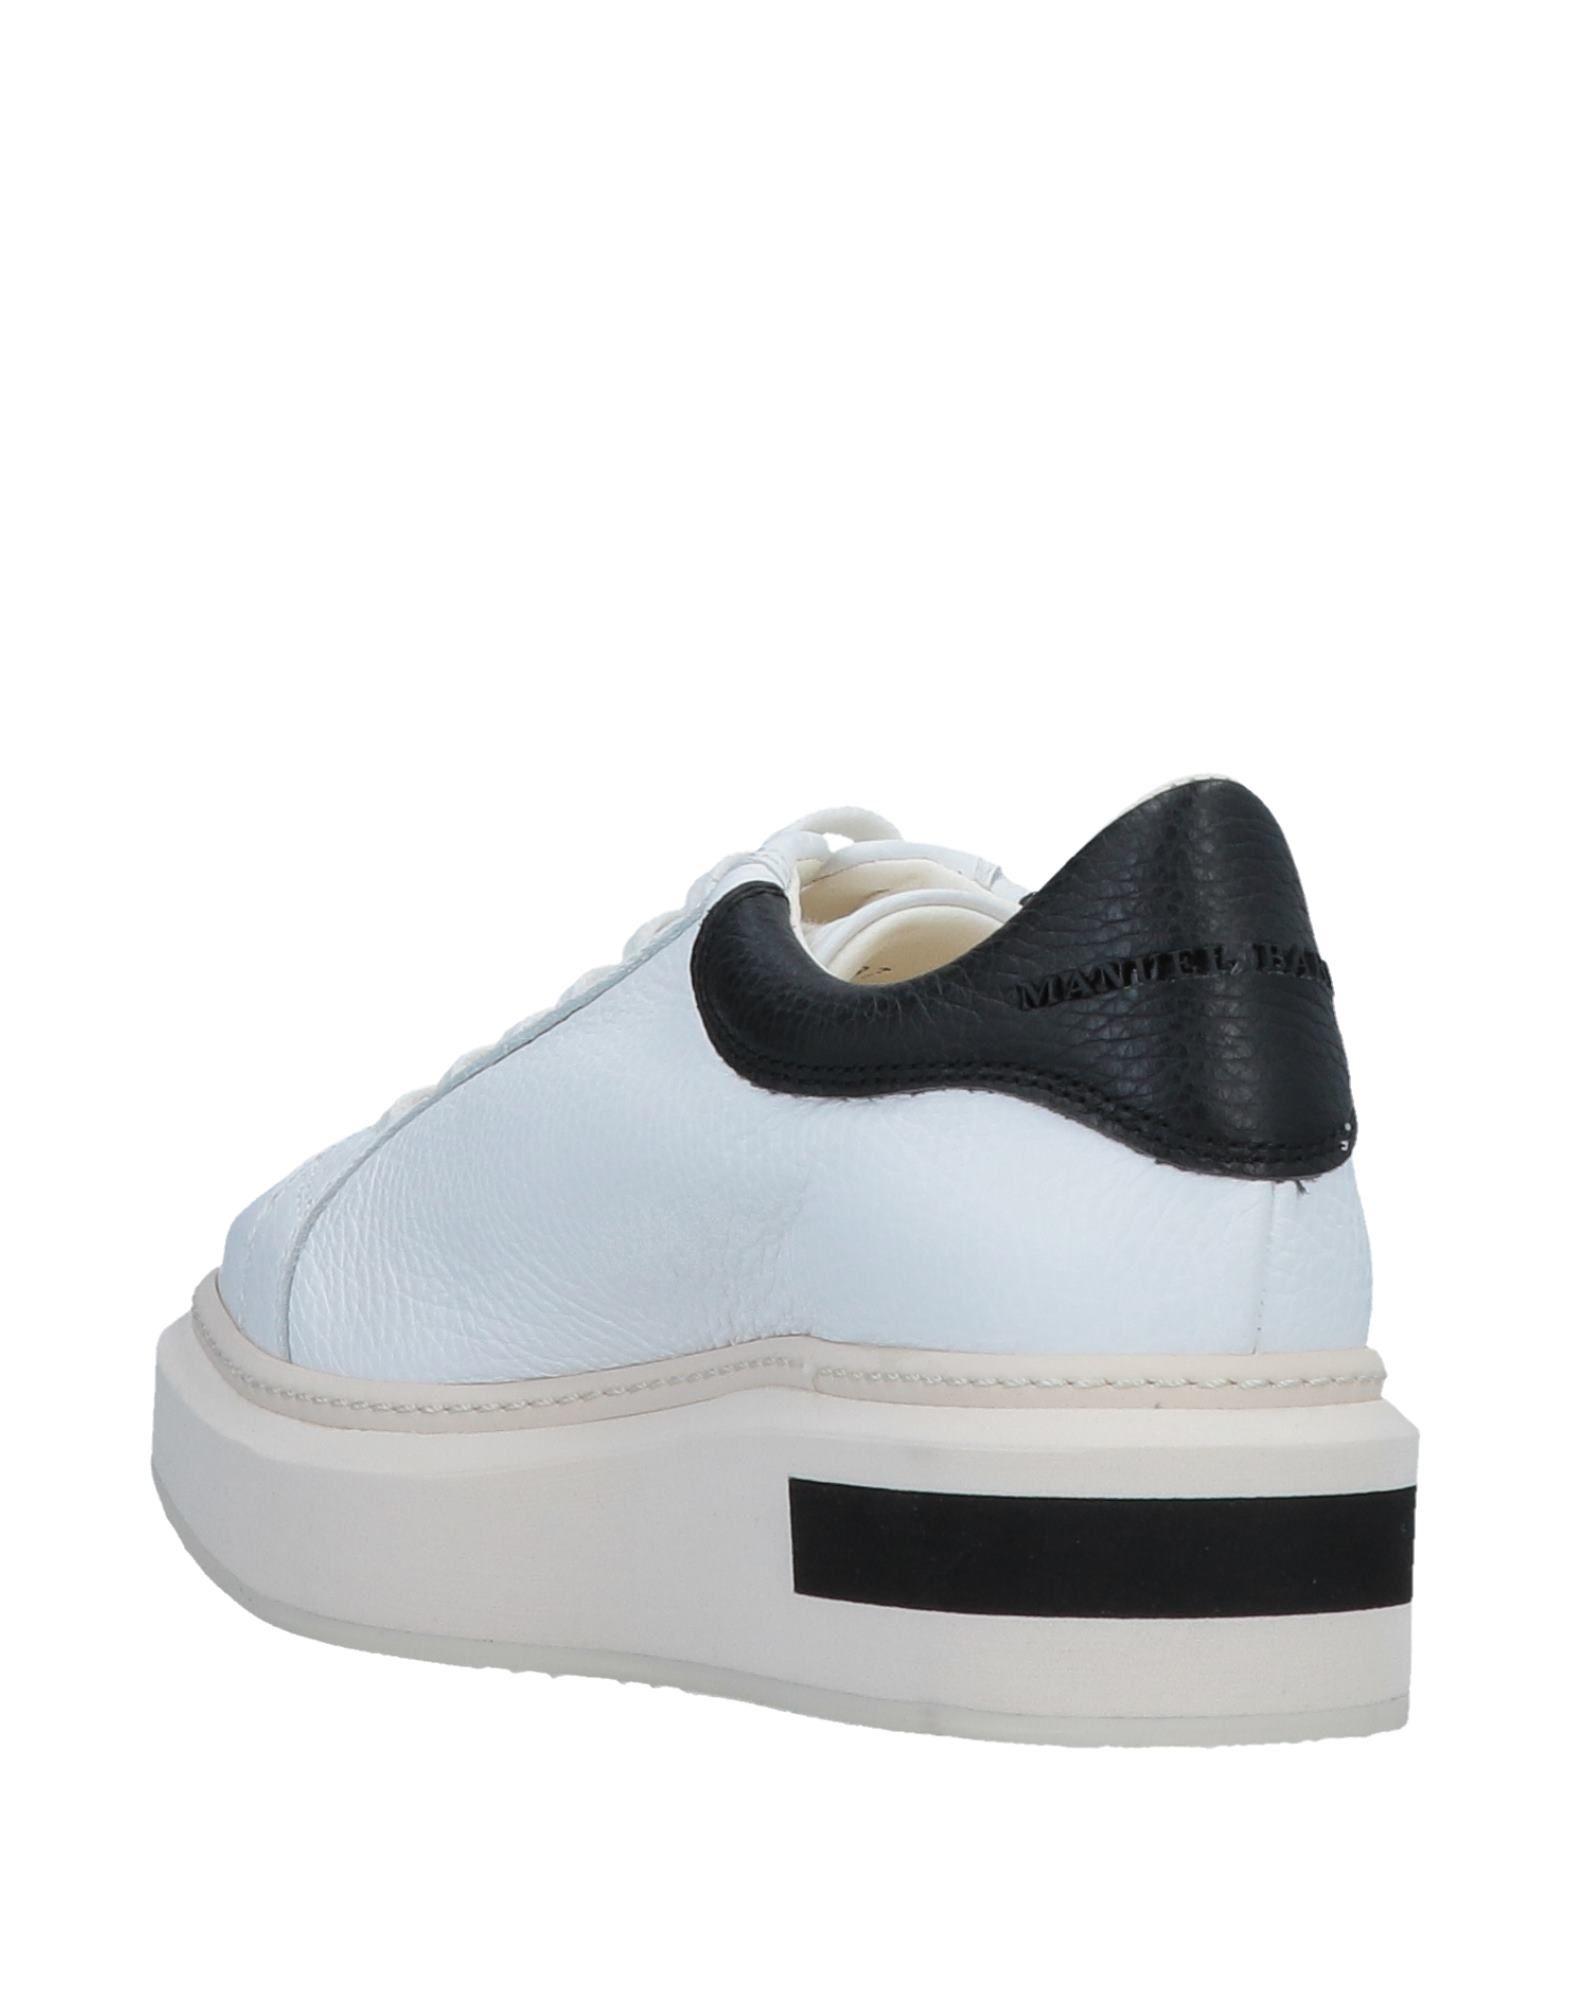 Gut um billige Schuhe zu  tragenManuel Barceló Sneakers Damen  zu 11511656PE 7c9528